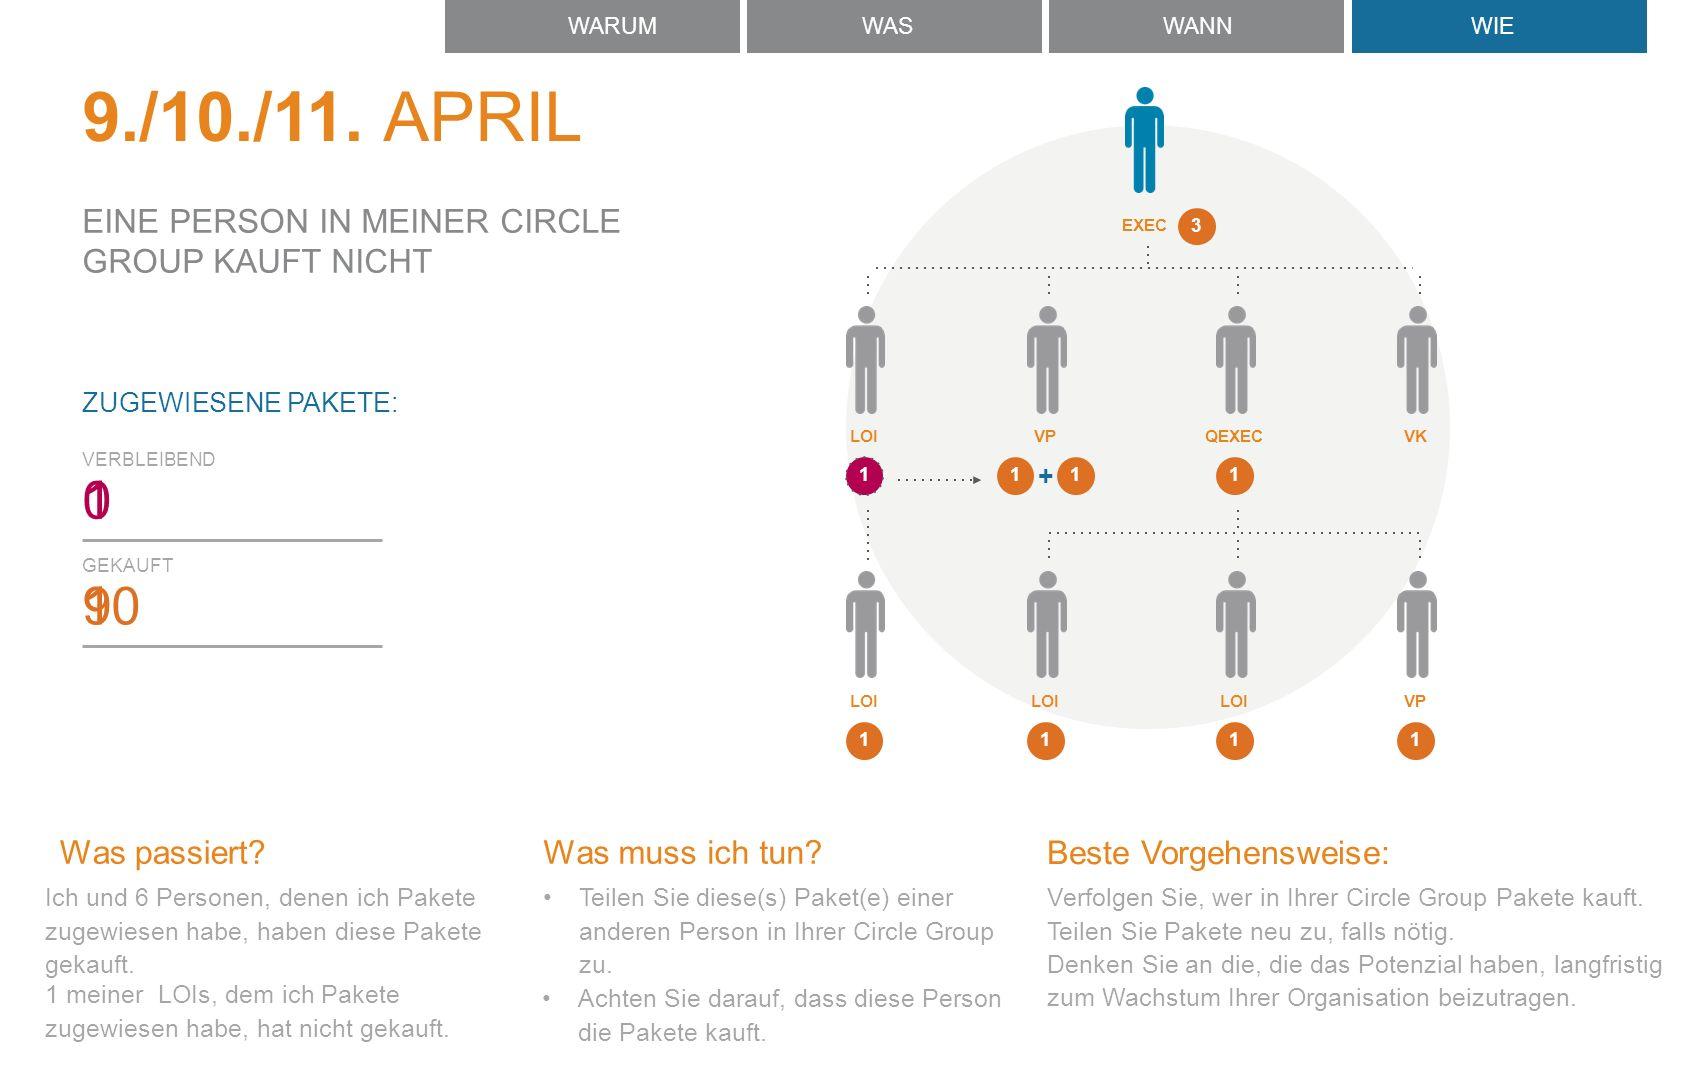 Was muss ich tun. Teilen Sie diese(s) Paket(e) einer anderen Person in Ihrer Circle Group zu.